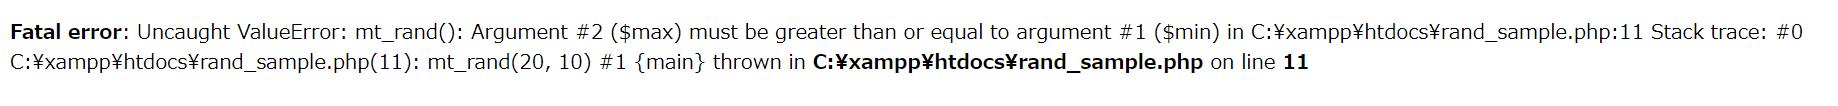 PHPのmt_rand関数でエラー